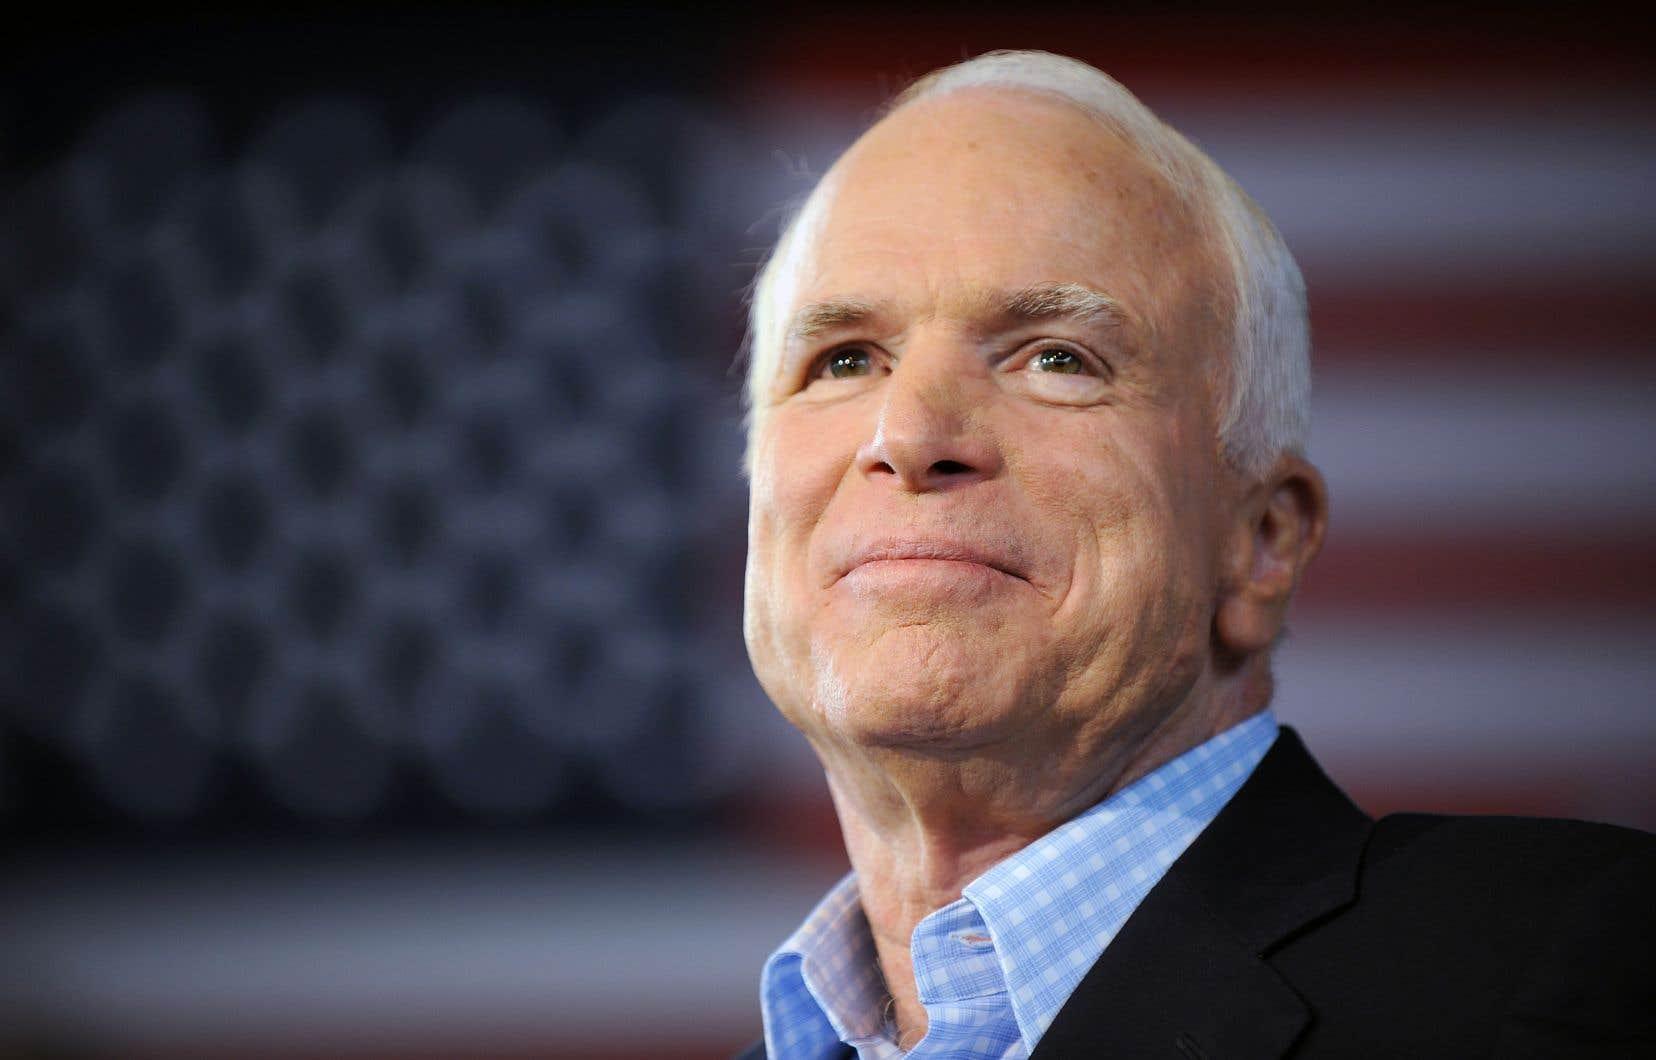 Malgré son traitement puis son absence de Washington depuis décembre dernier, John McCain était resté relativement actif politiquement.